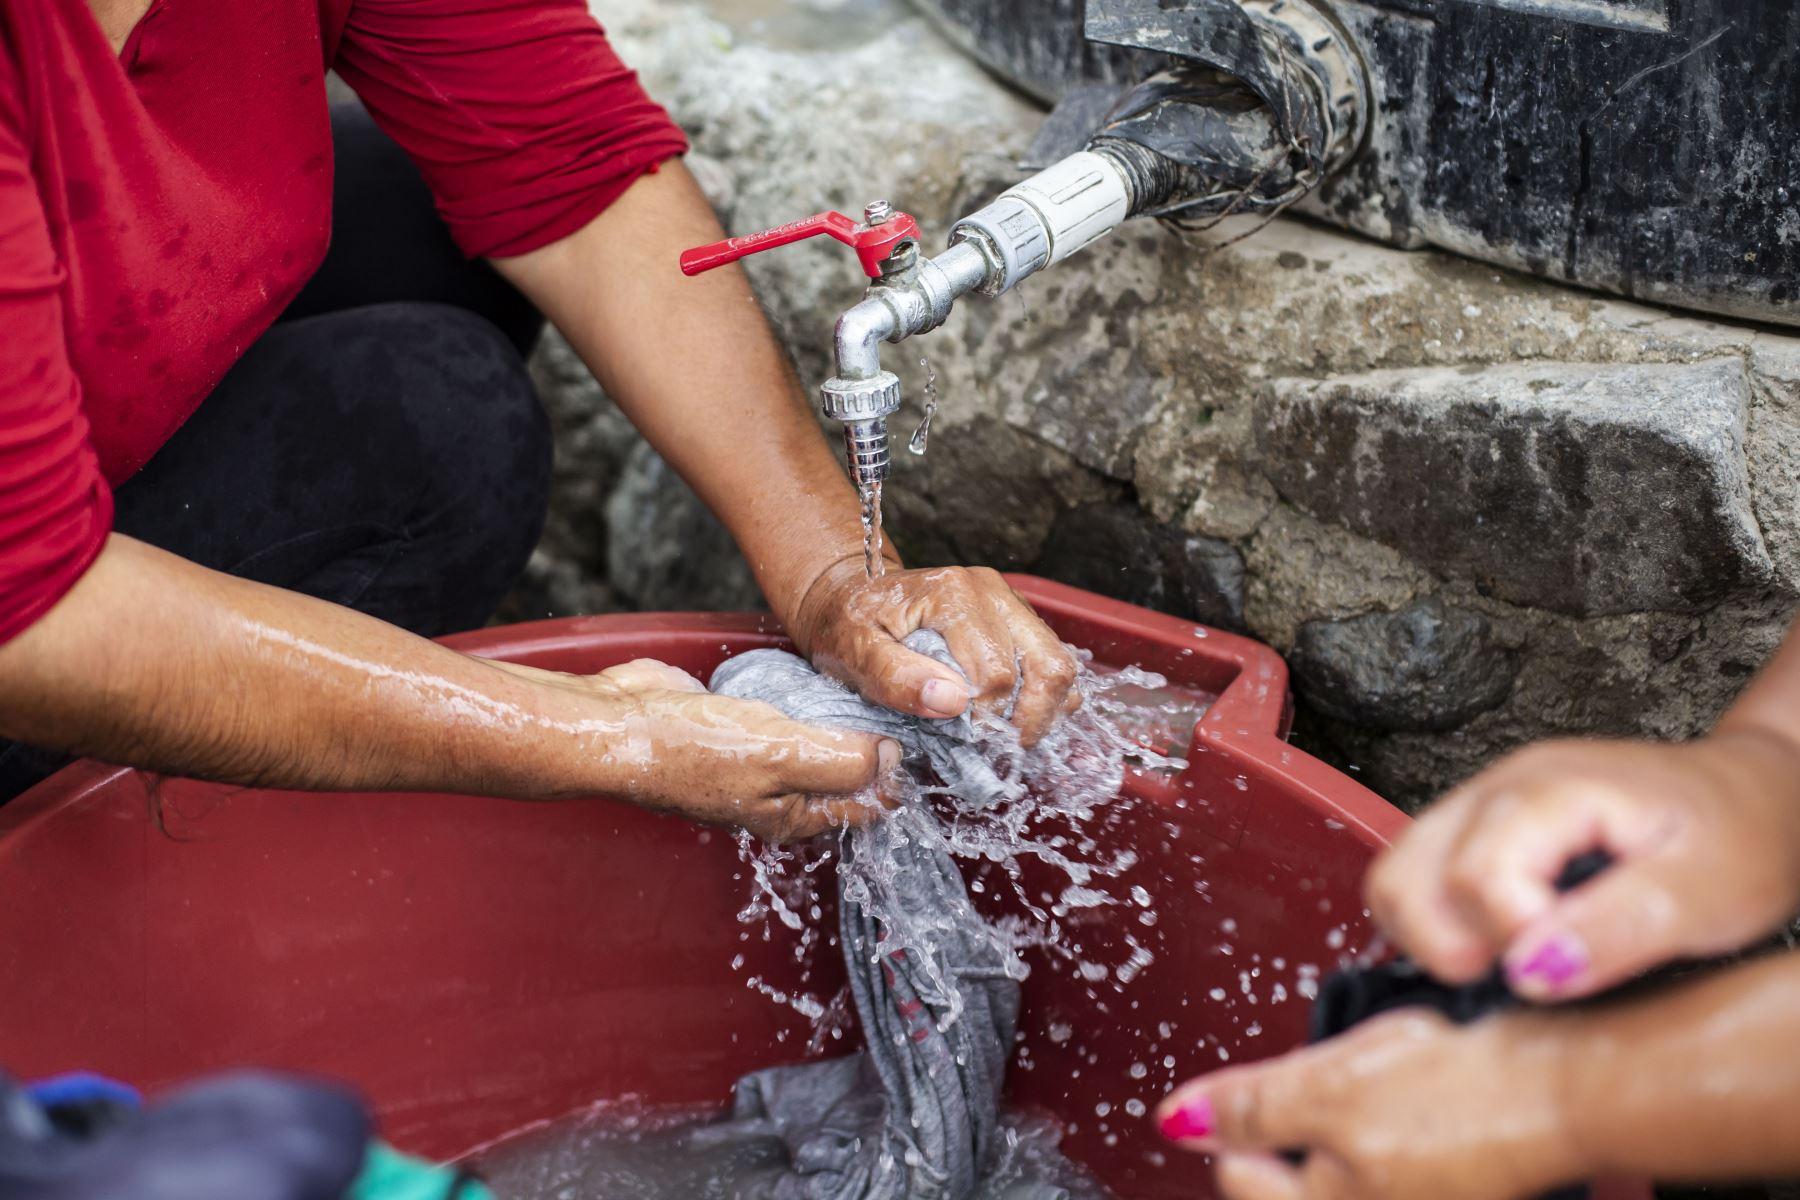 Recibo de agua se podrá fraccionar sin convenio